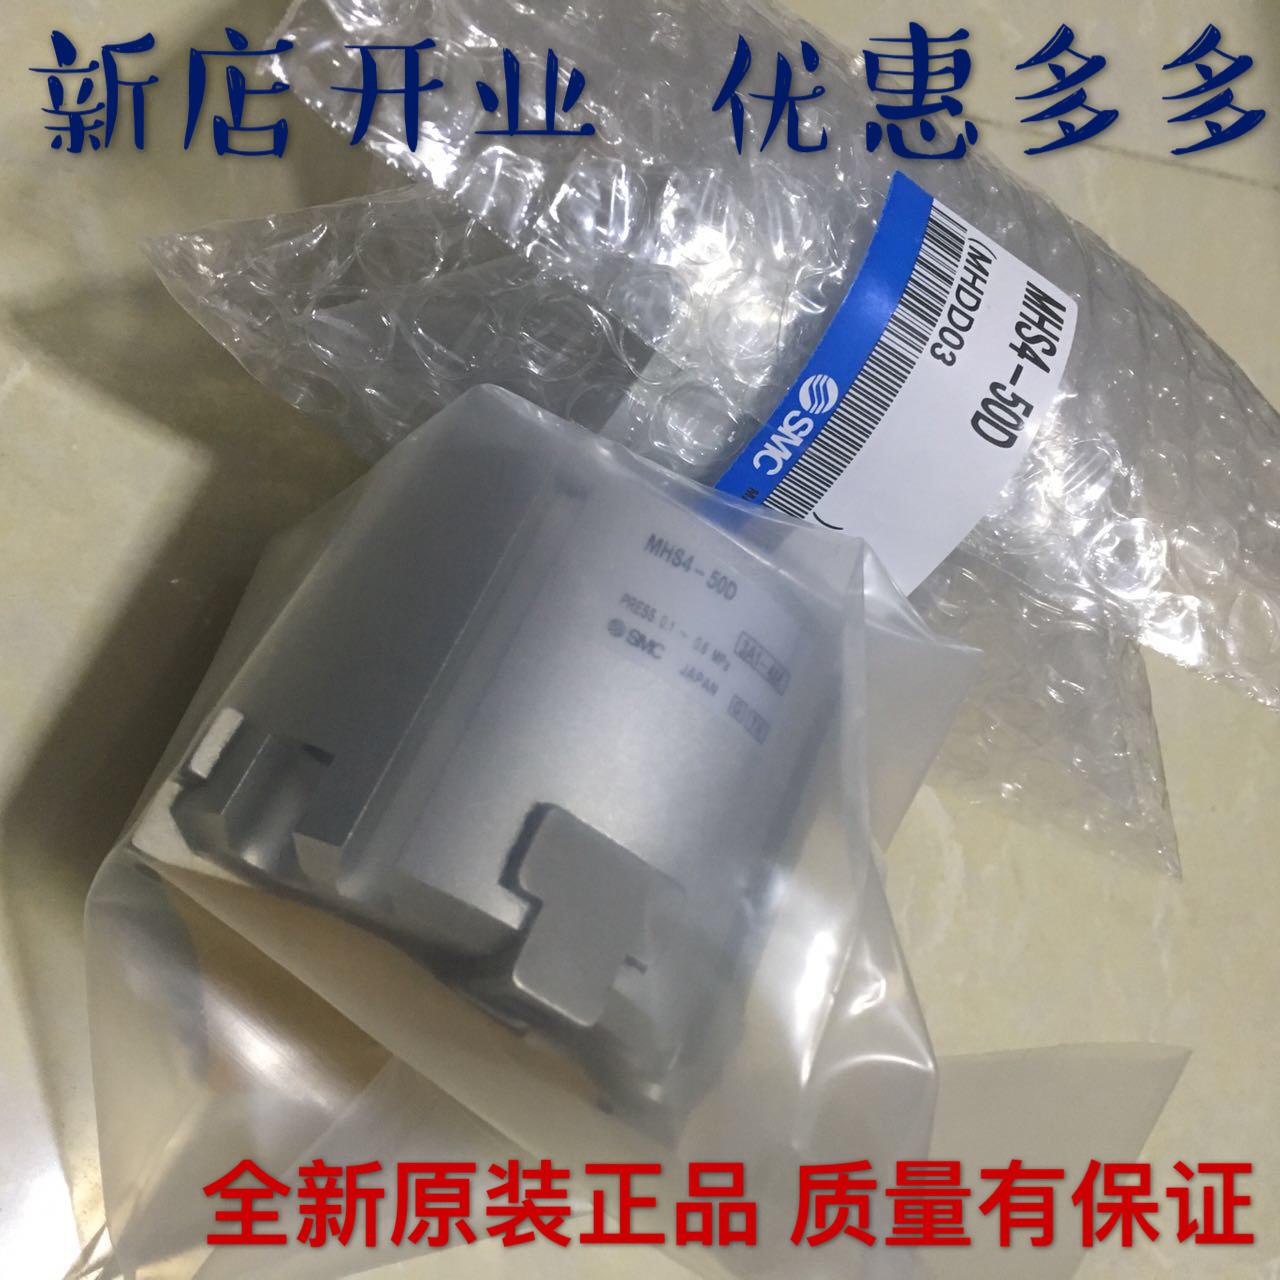 Brand new original SMC cylinder MHS4-16D-20D-25D-32D-40D-50D-63D-80D-100D